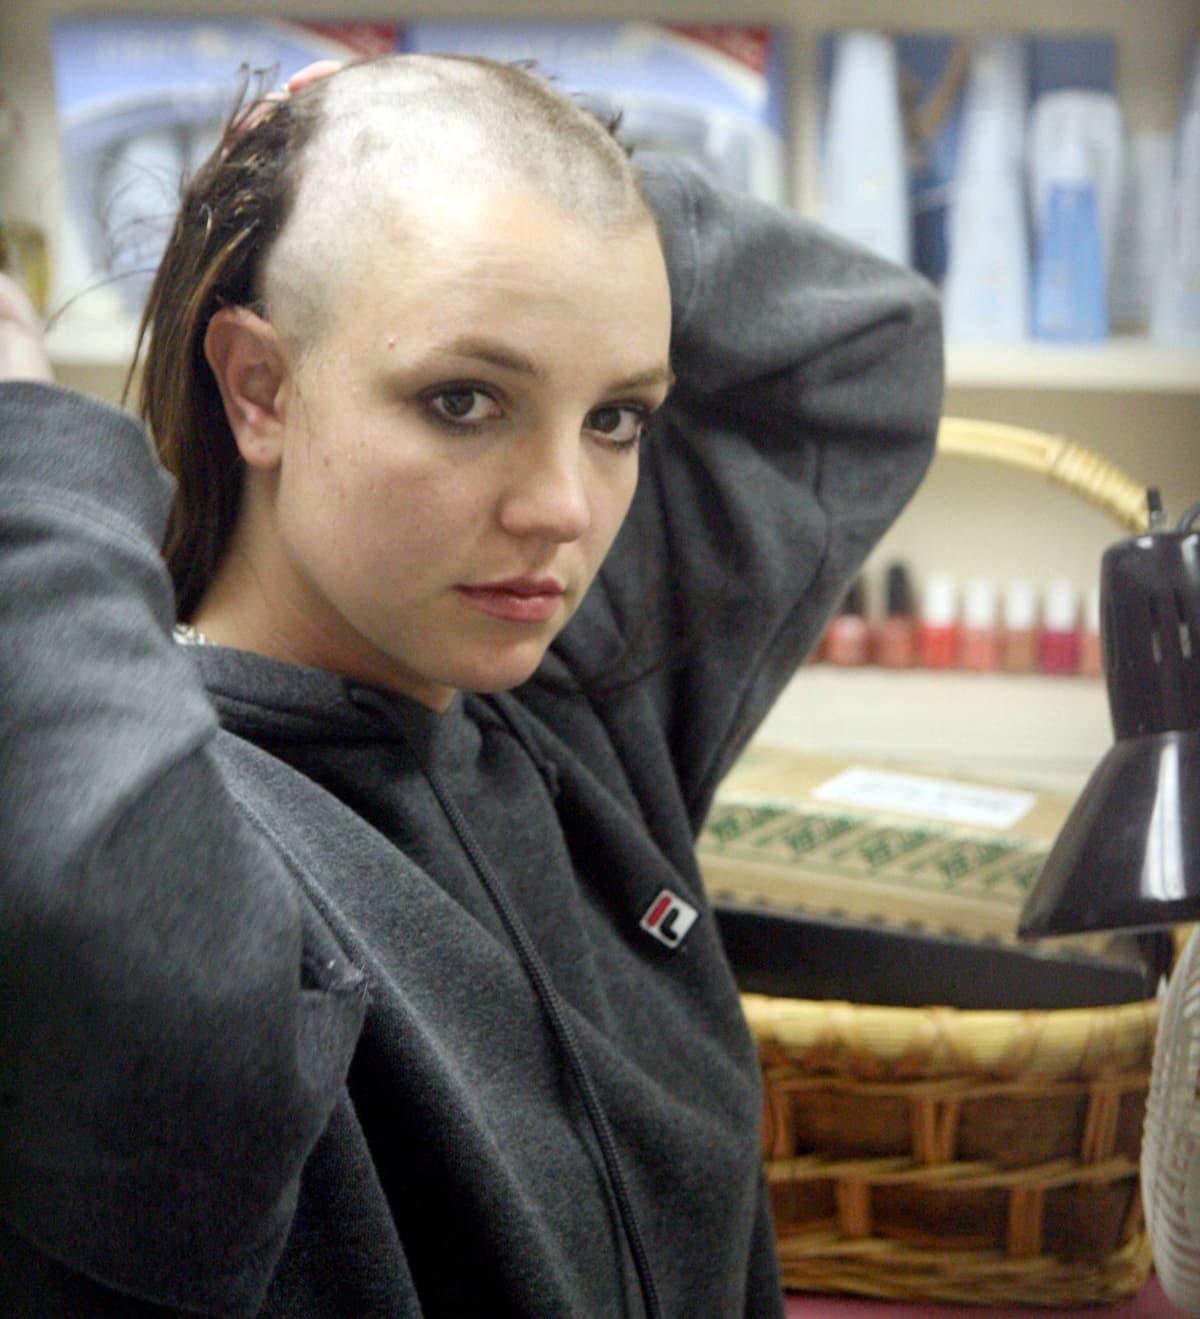 Vanha kuva vuodelta 2007, kun Britney Spears ajaa kaikki hiuksensa pois.